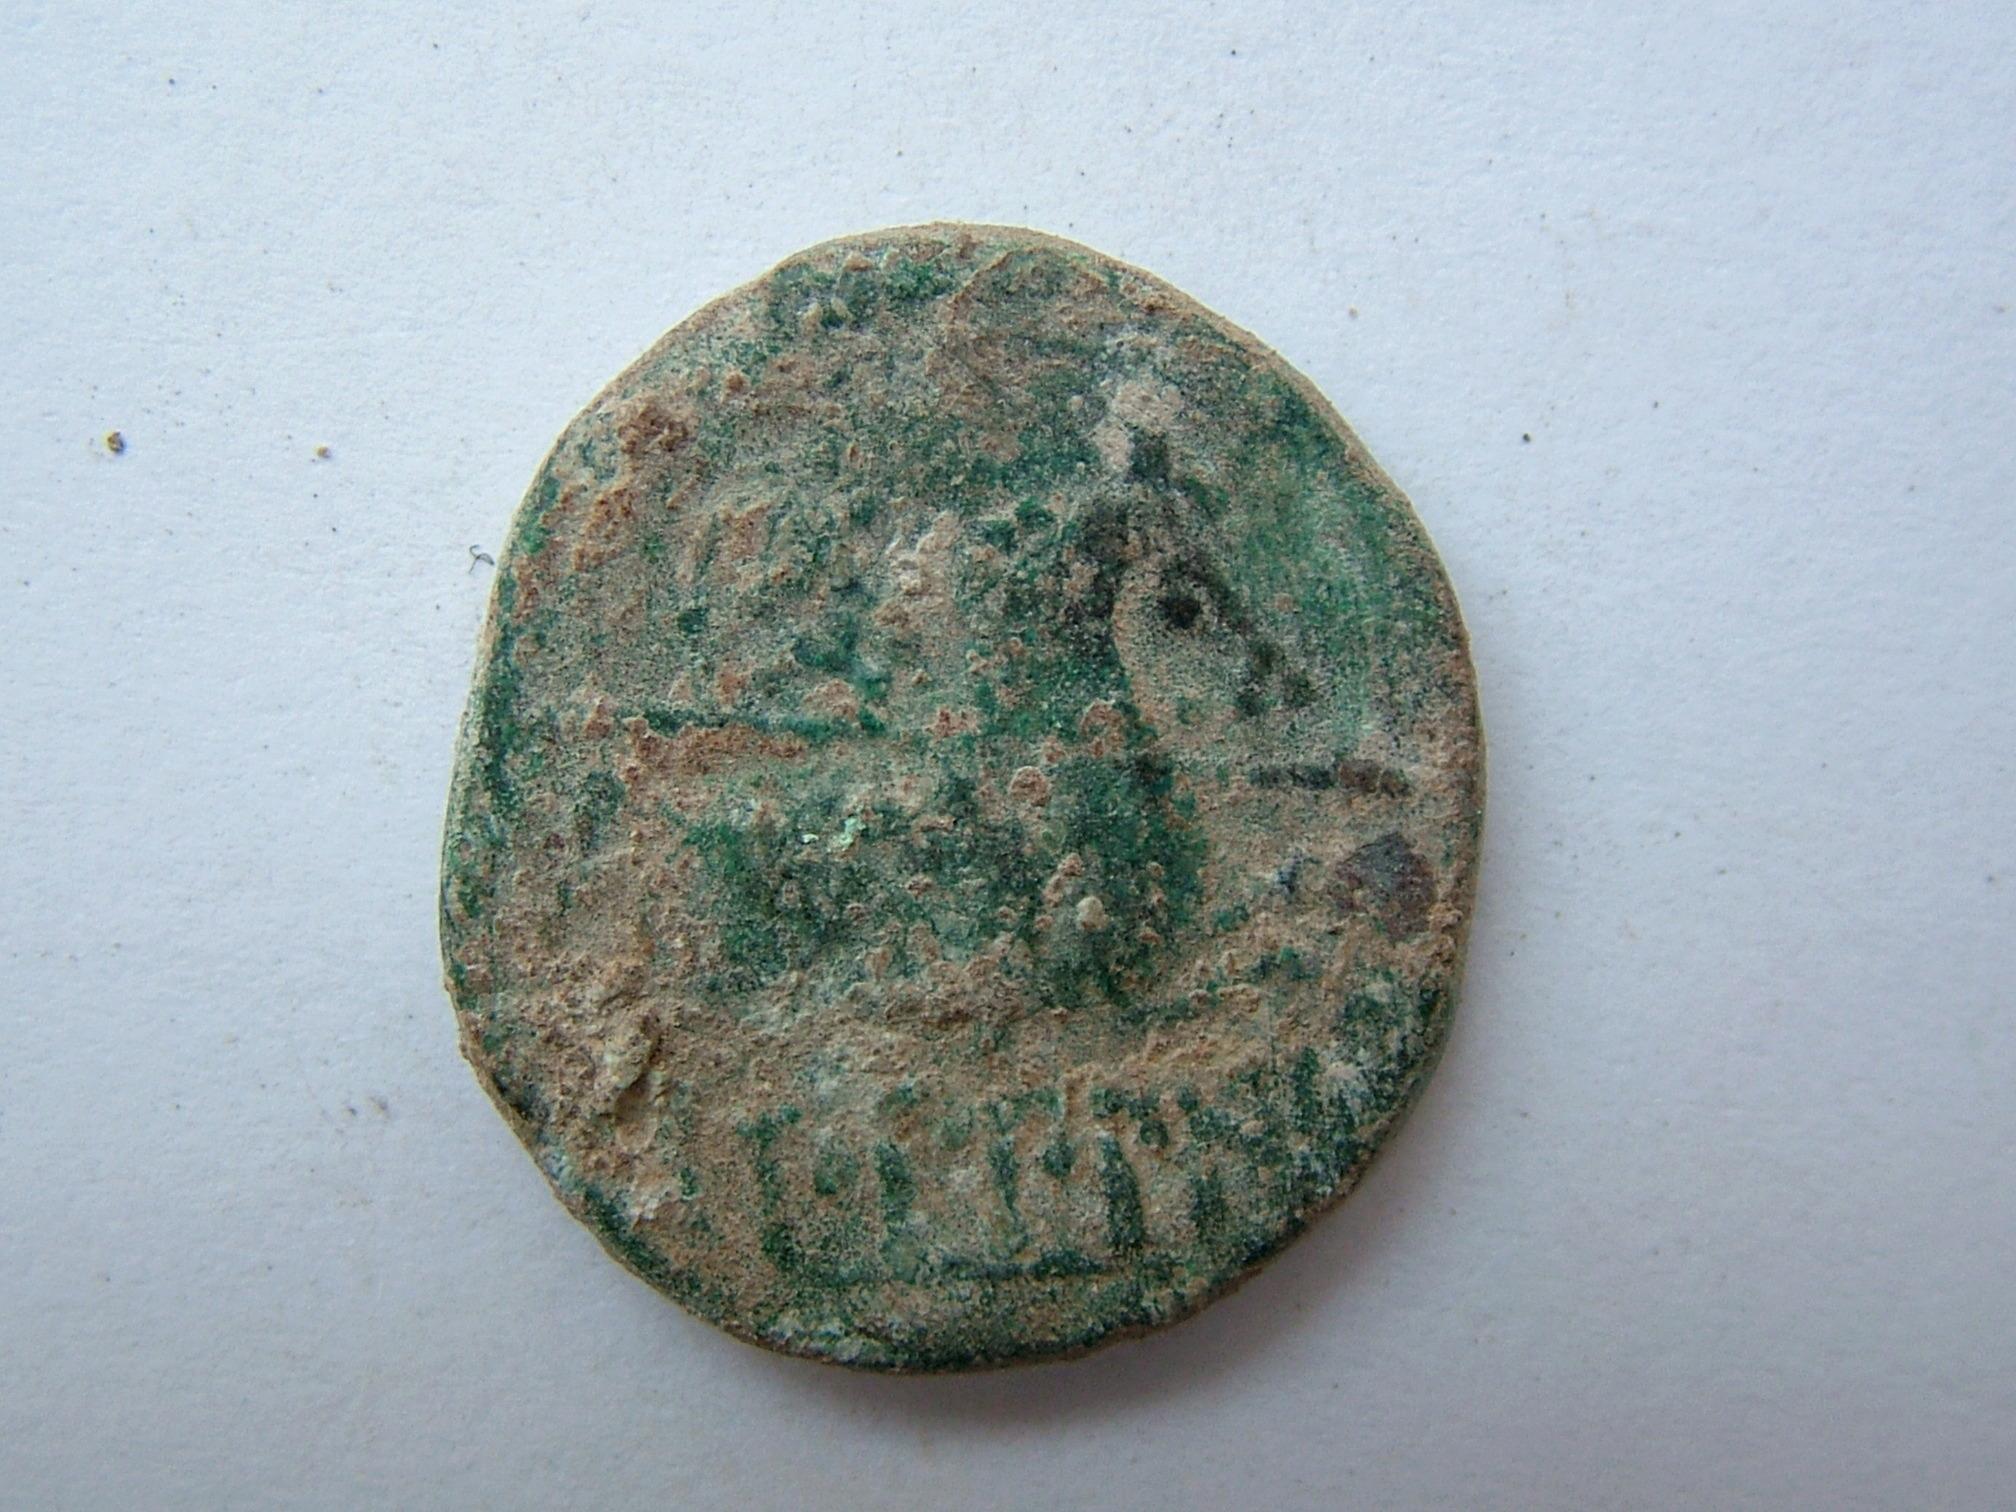 Imágenes a gran escala de pátinas y monedas falsas. Escalofriante (+18). 02_rev10